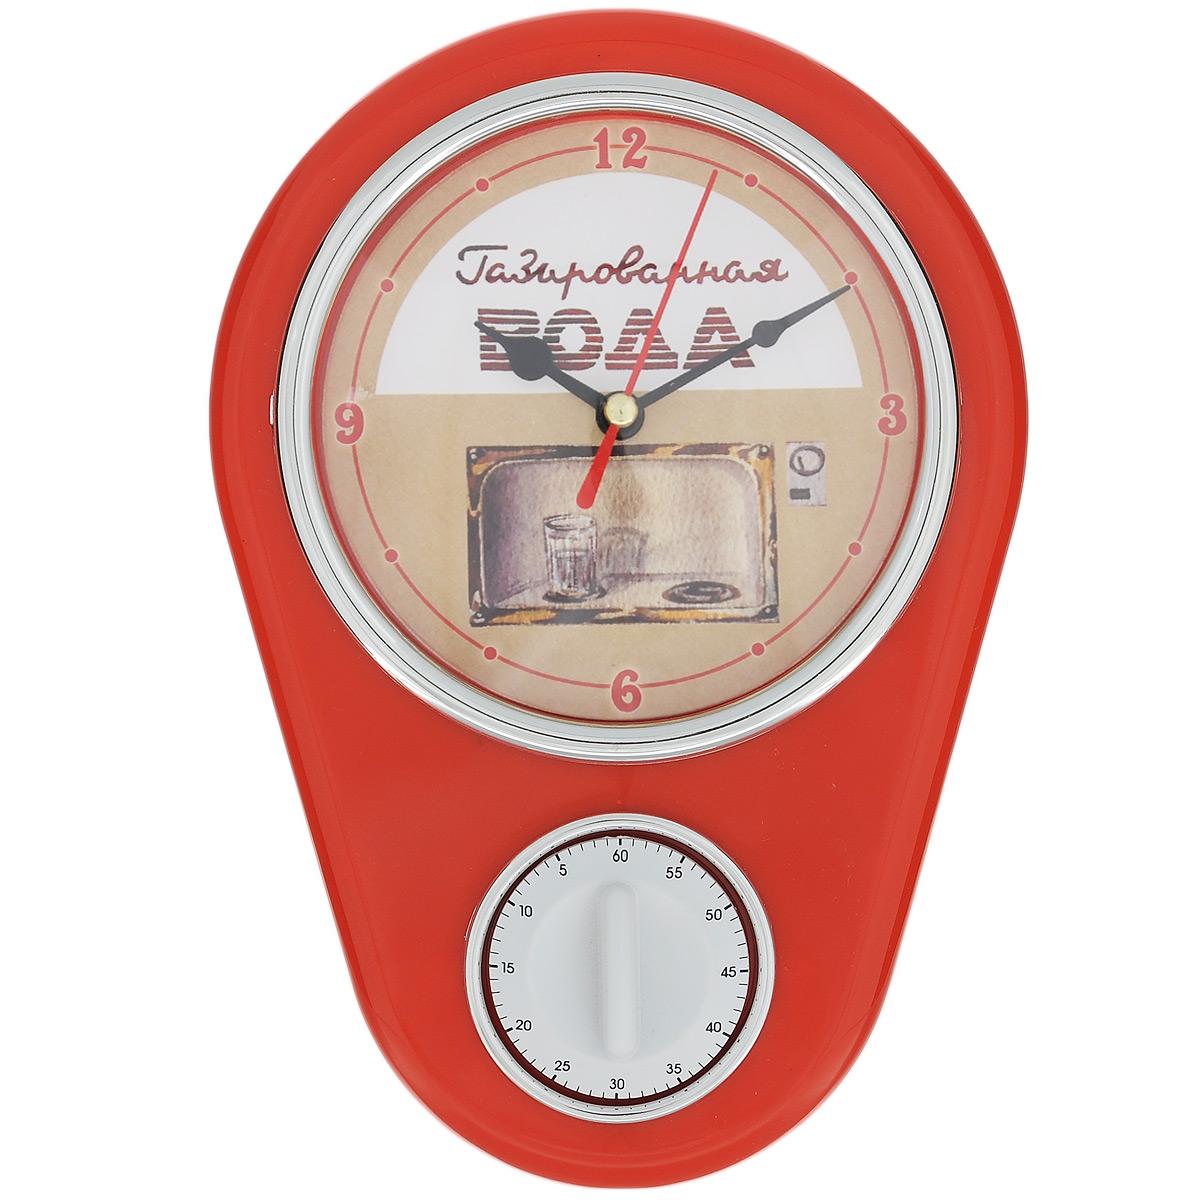 Часы кухонные Газированная вода с таймером, настенные, цвет: красный37384Кухонные настенные часы Газированная вода в ретро стиле прекрасно дополнят интерьер кухни. Корпус выполнен из высококачественного пластика. Все механизмы скрыты в корпусе. Циферблат круглой формы, оформленный крупными арабскими цифрами и надписью Газированная вода, защищен стеклом. Имеется встроенный таймер на 60 минут, его удобно использовать во время приготовления блюд. Часы подвешиваются на стену. Часы работают от одной пальчиковой батарейки тип АА (не входит в комплект). Диаметр циферблата: 11,3 см. Размер часов: 16 см х 5 см х 22,5 см.